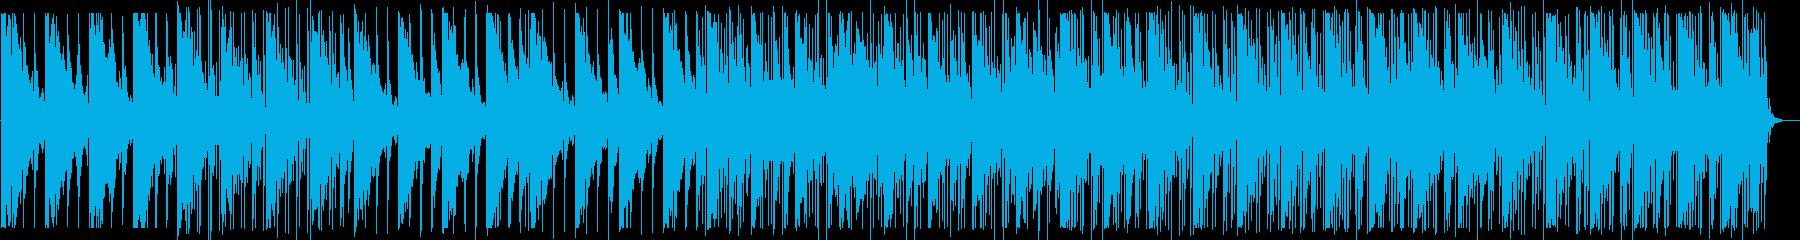 とろけそうなハウス_No641_2の再生済みの波形